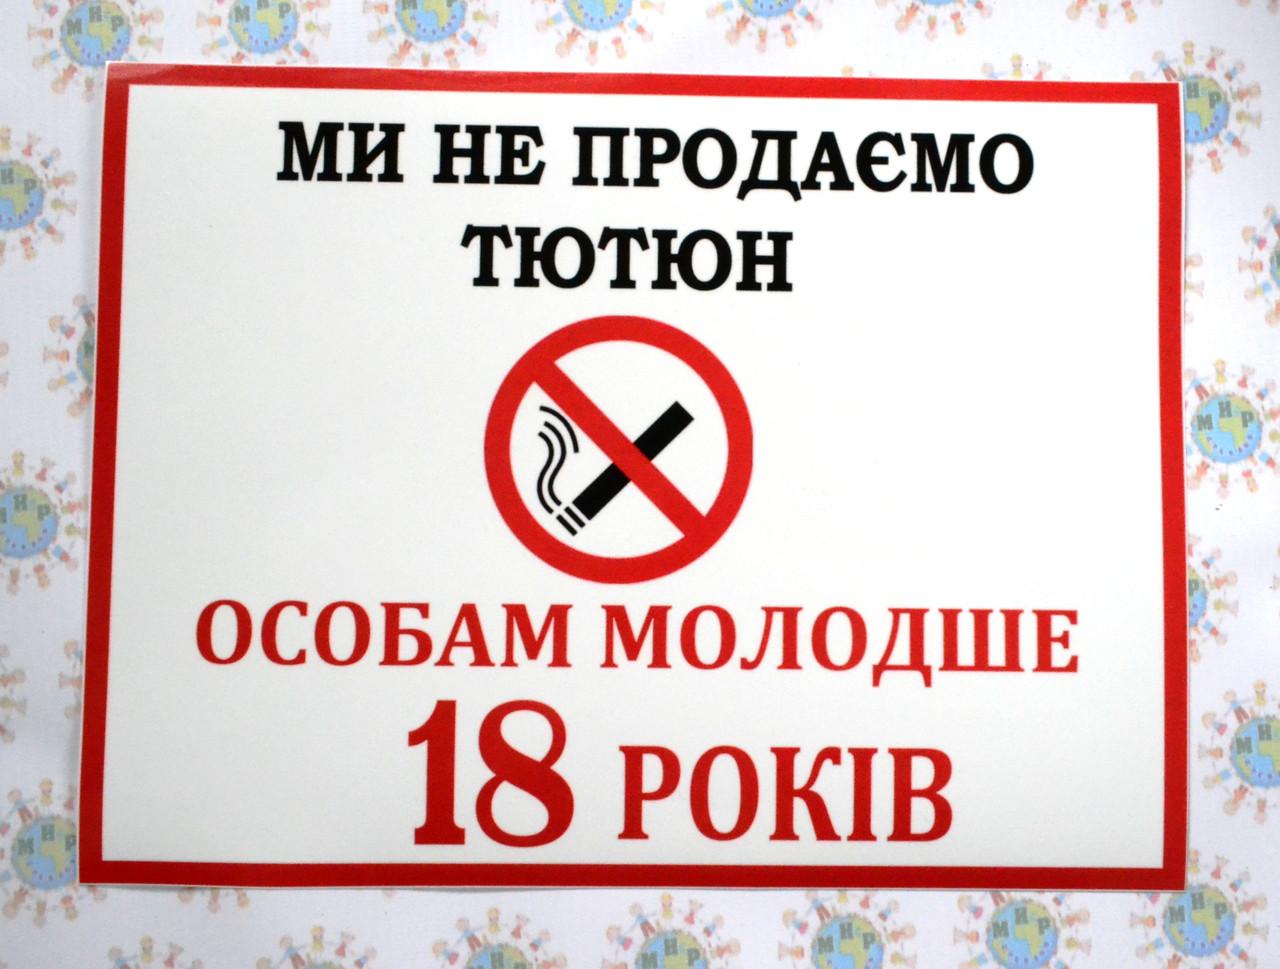 Наклейка Мы не продаём табак особам младше 18 лет - Мир стендов. Значки, часы, магниты, детские товары и сувениры в Киеве